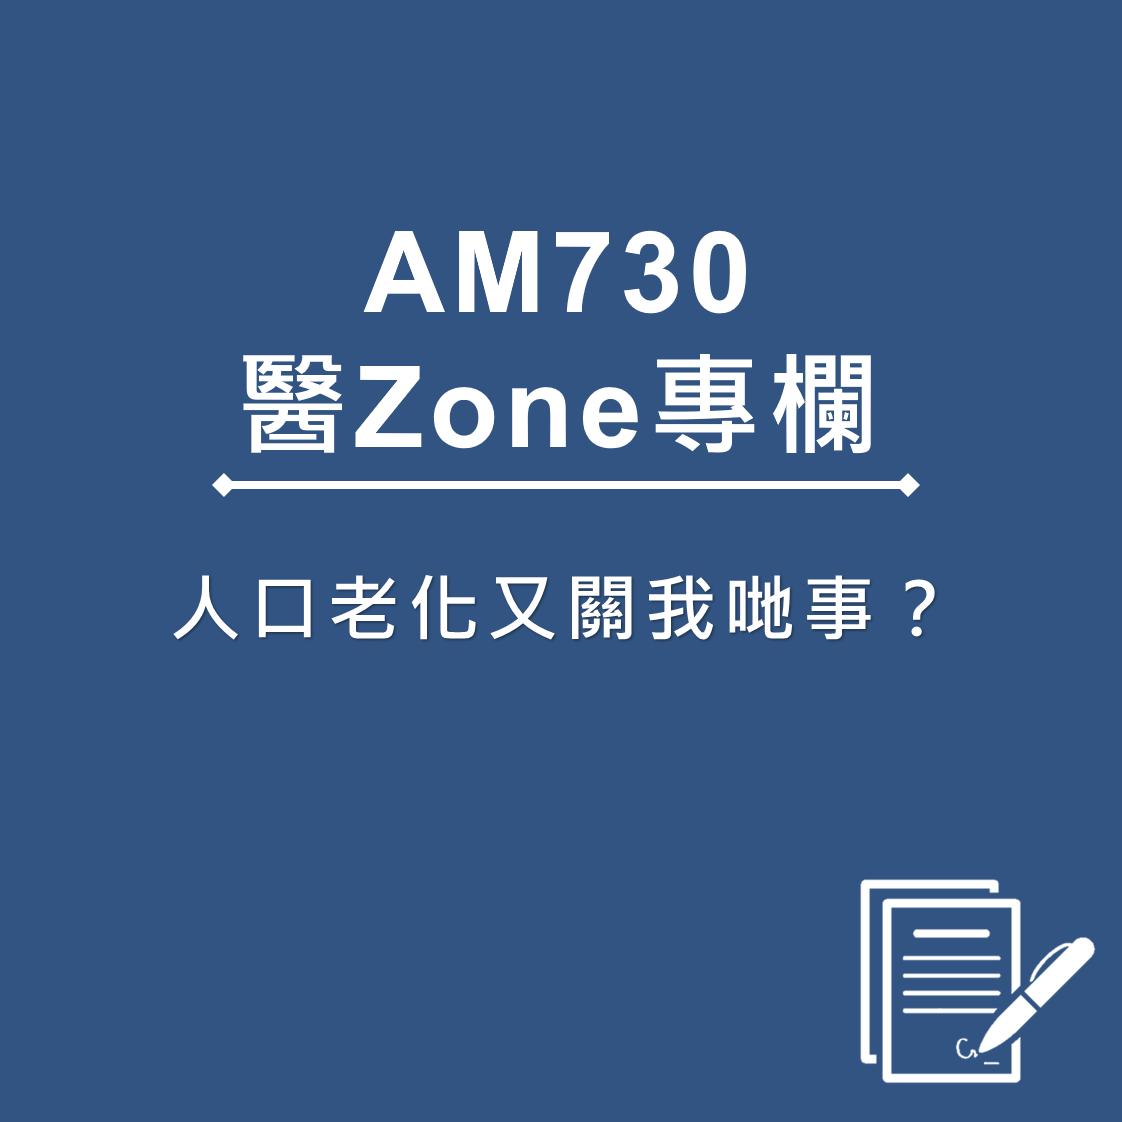 AM730 醫Zone 專欄 -人口老化又關我哋事?